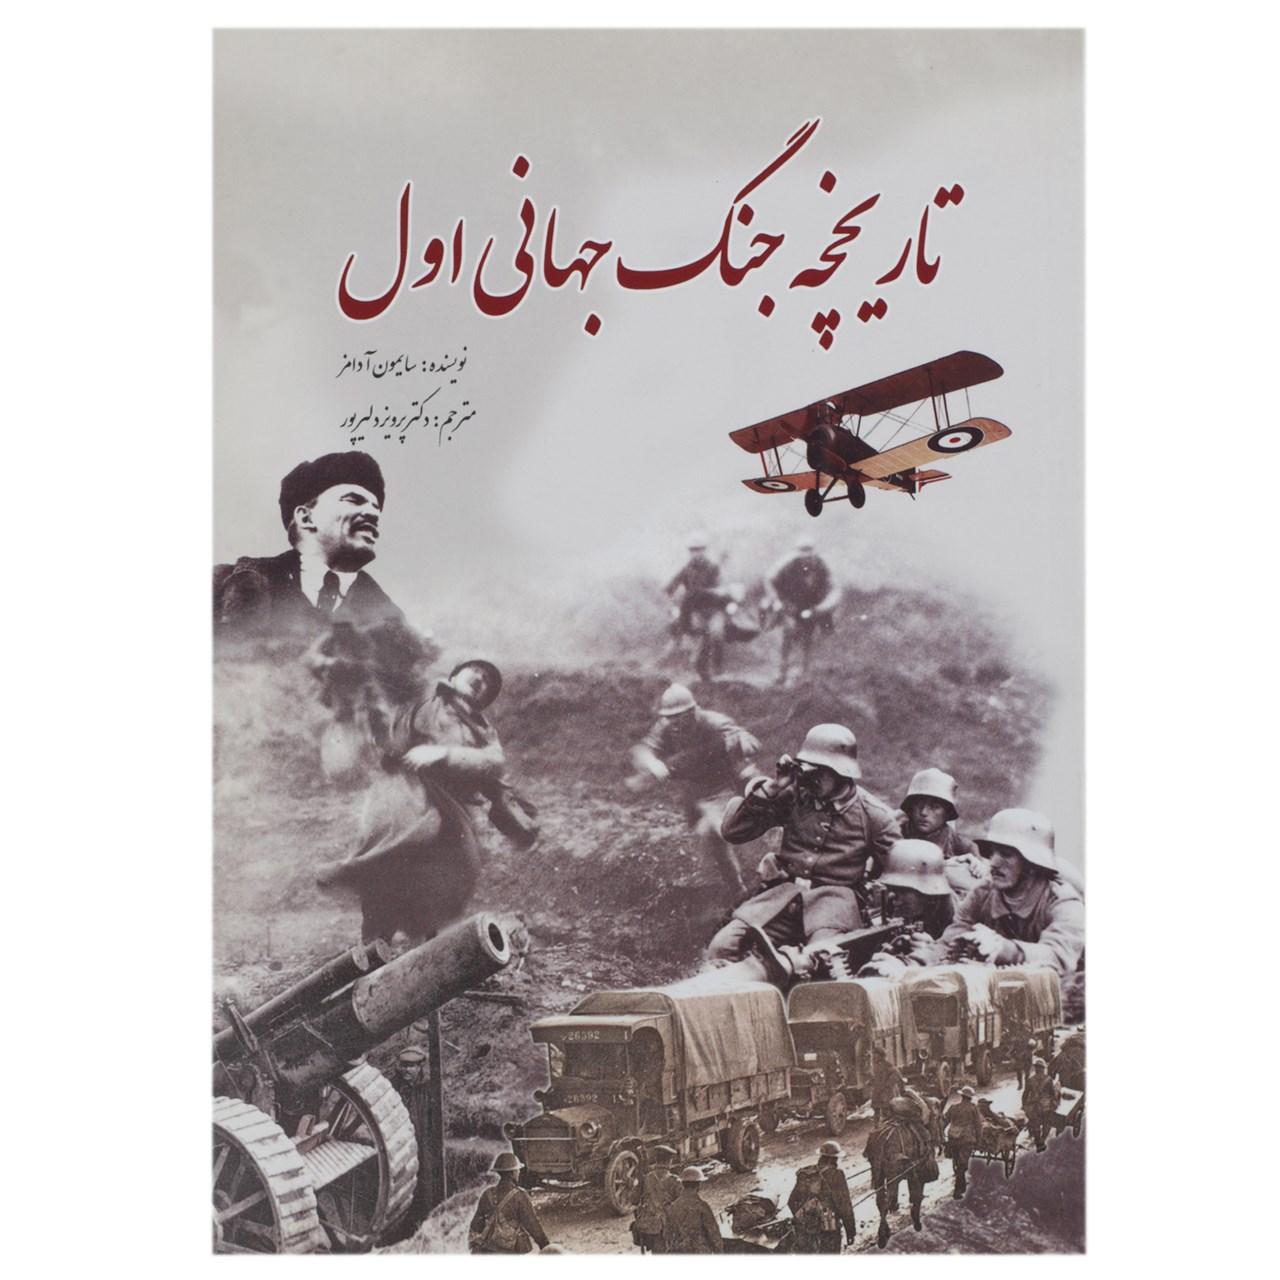 خرید                      کتاب تاریخچه جنگ جهانی اول اثر سایمون آدامز